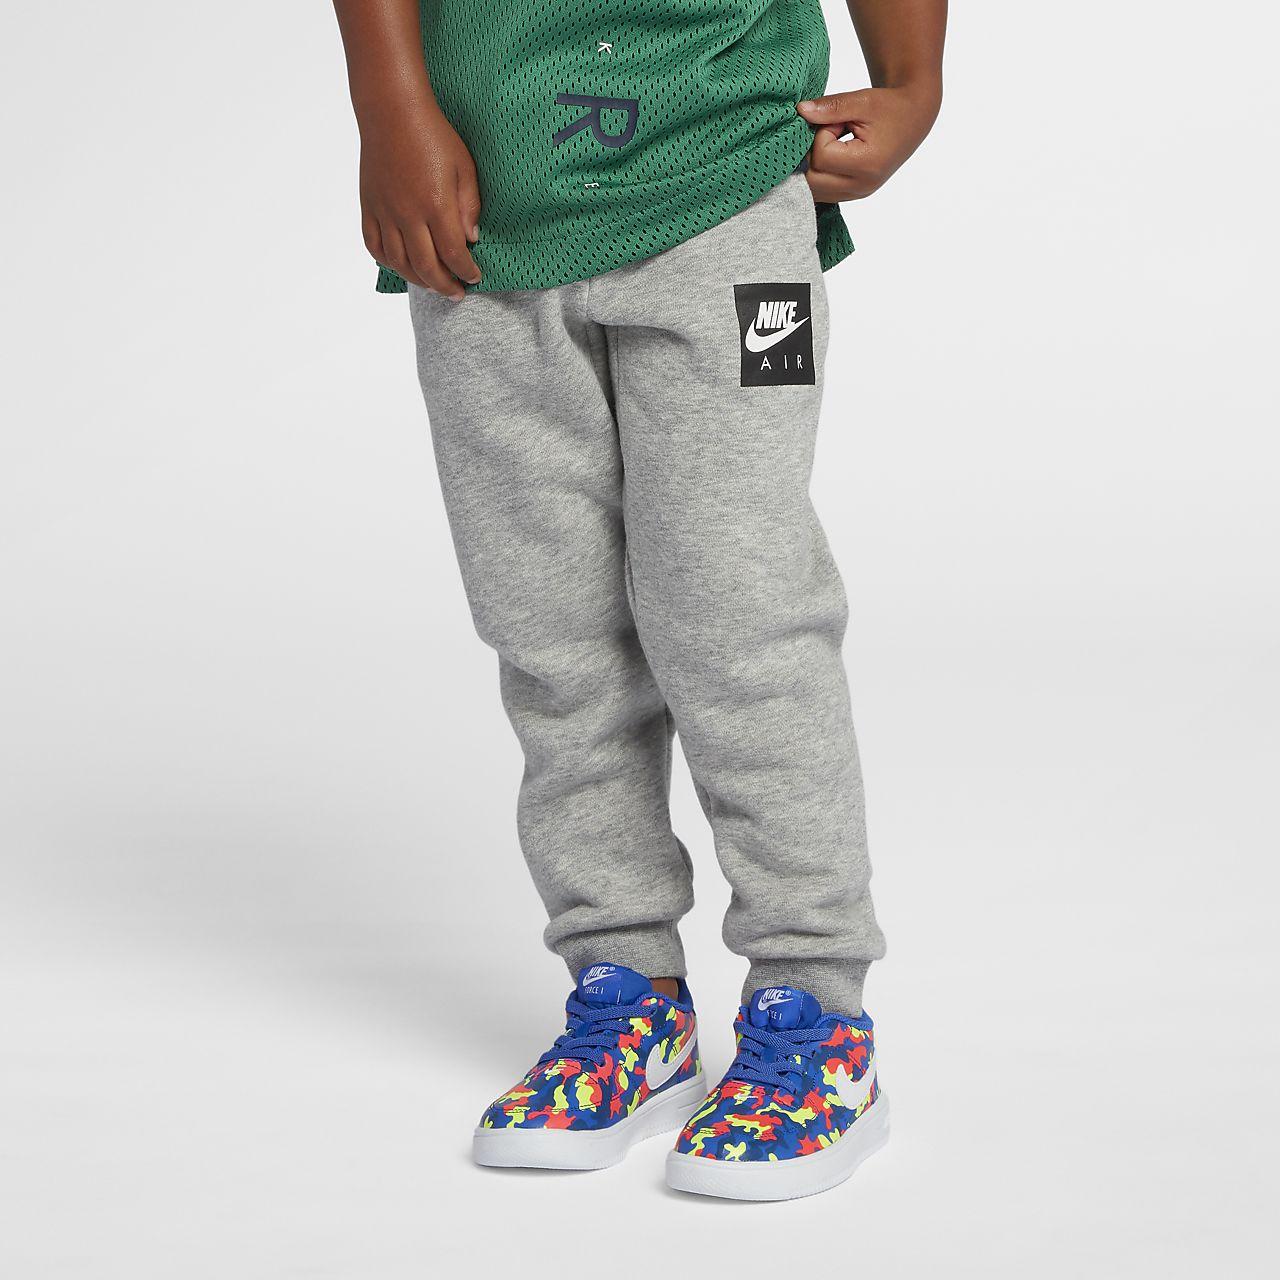 Pantaloni Nike Air - Bimbi piccoli